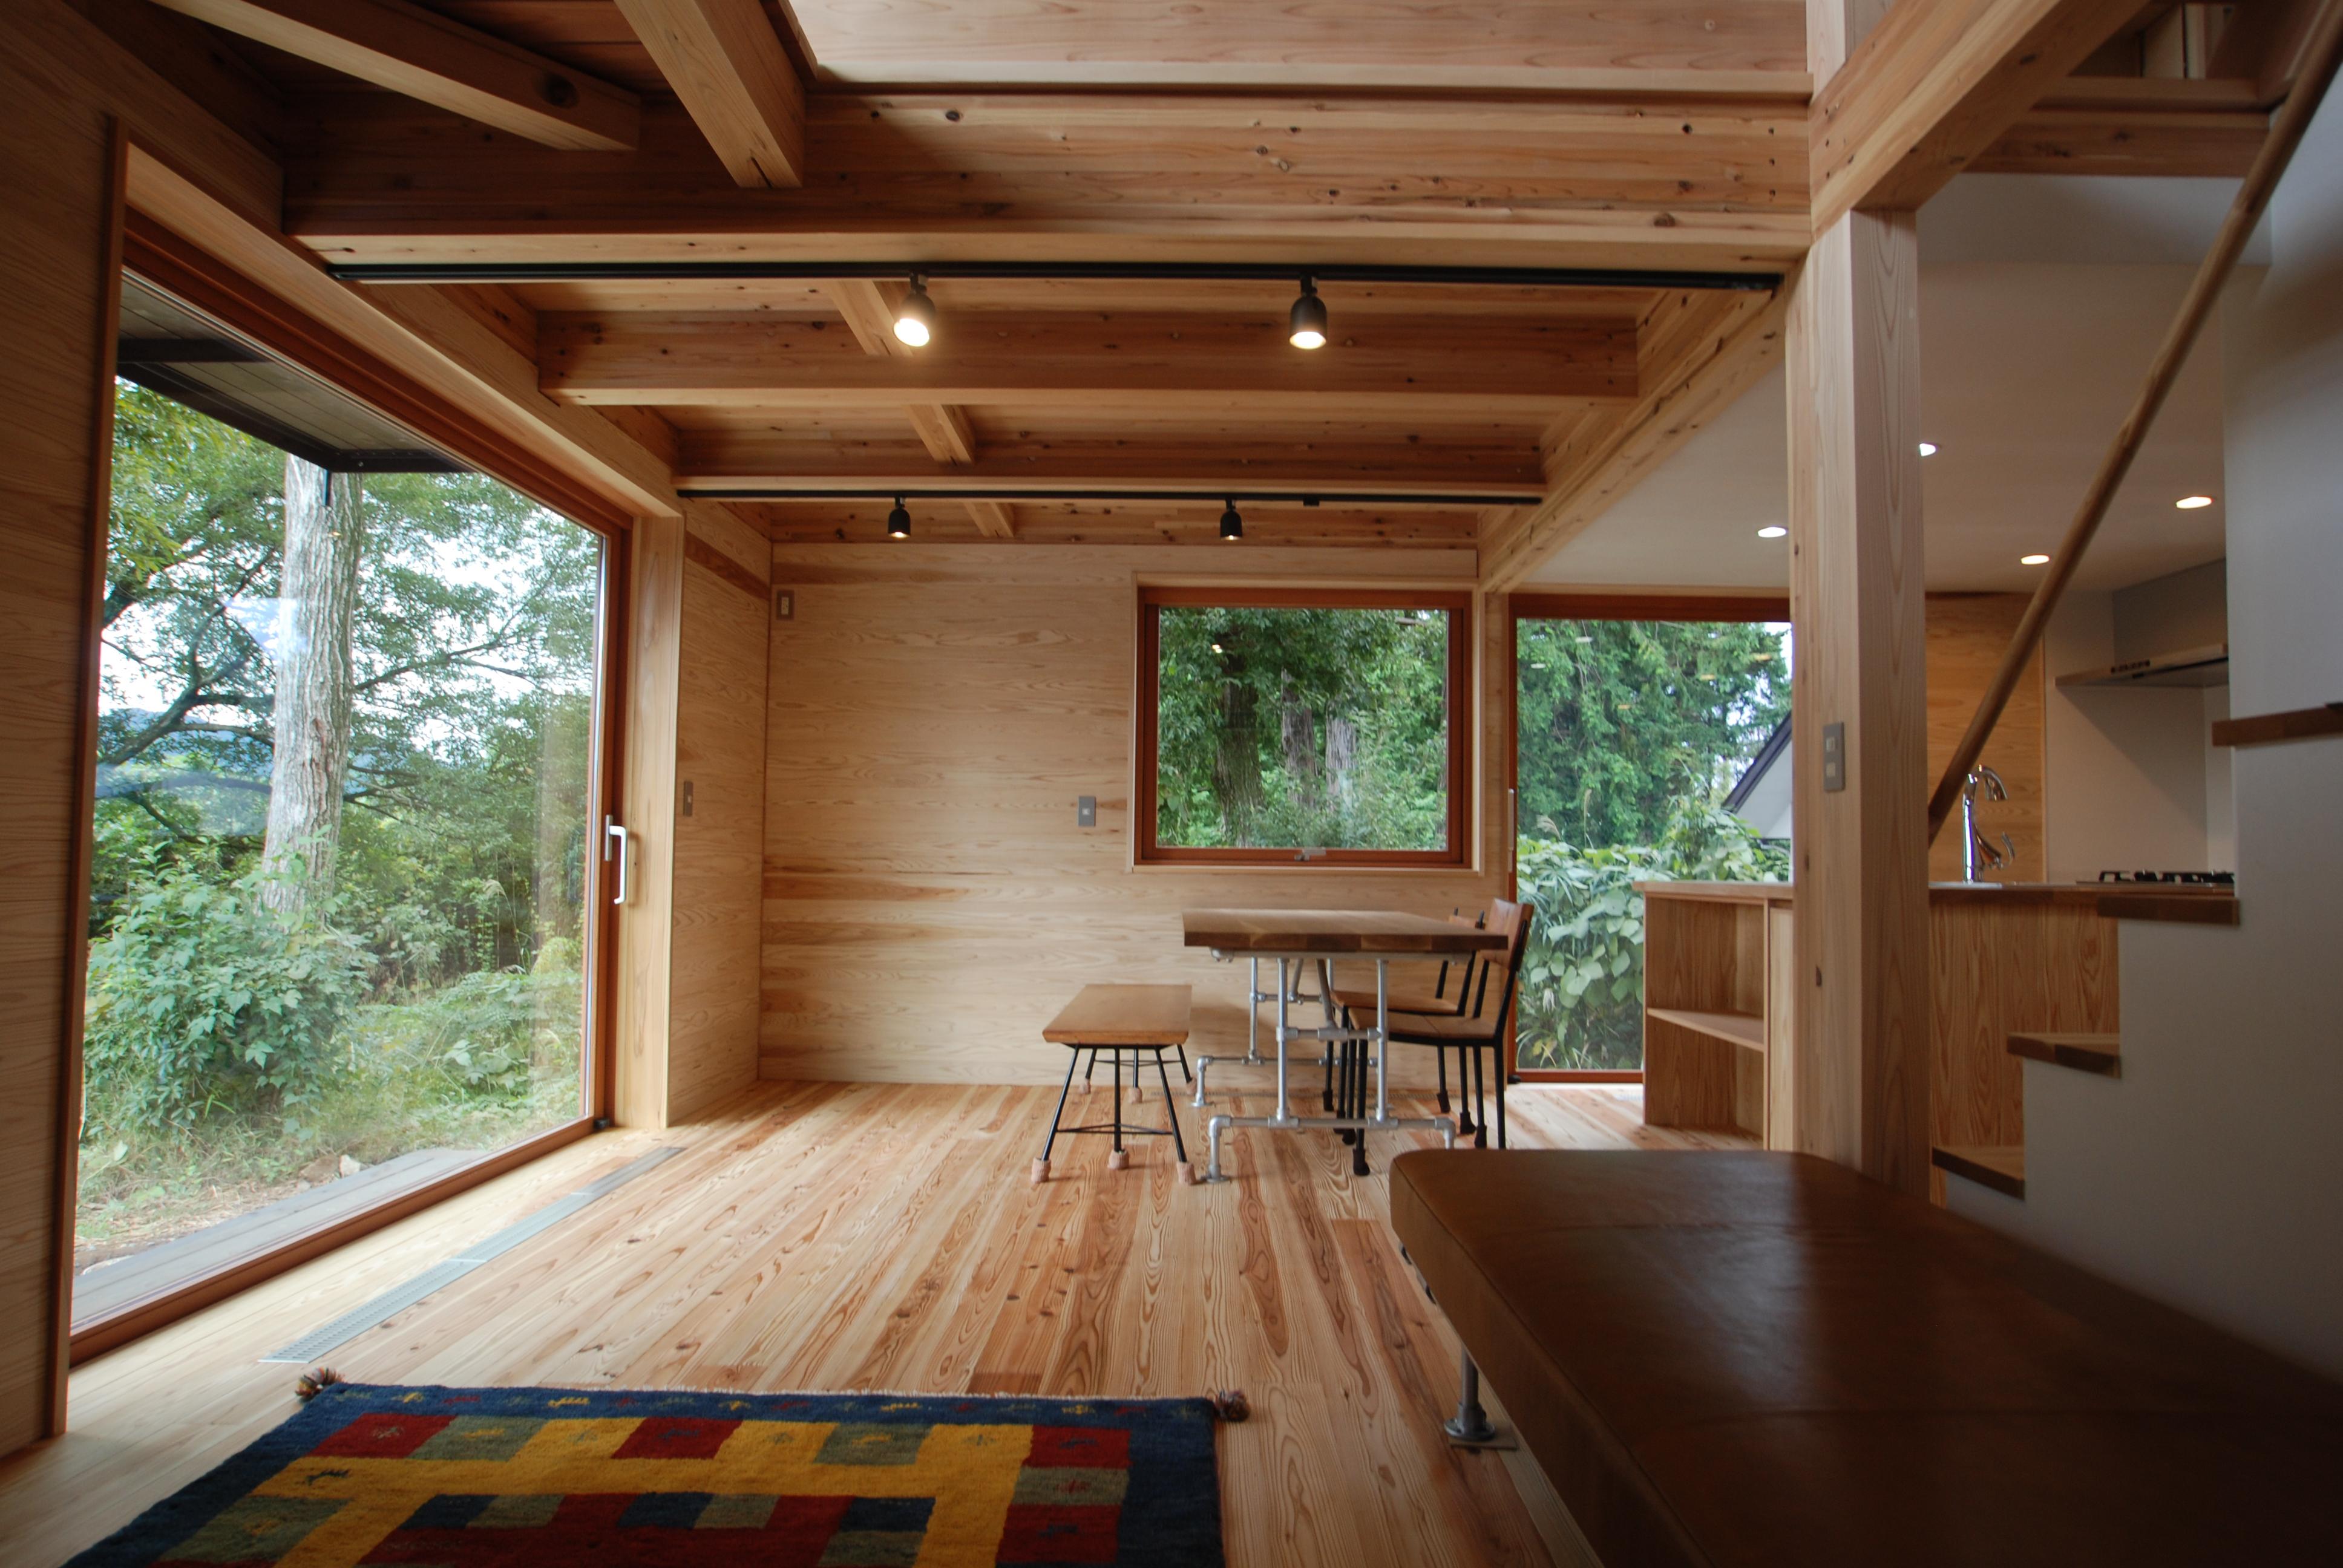 寂しいときは家が慰めてくれる<br>心豊かな伊豆の家